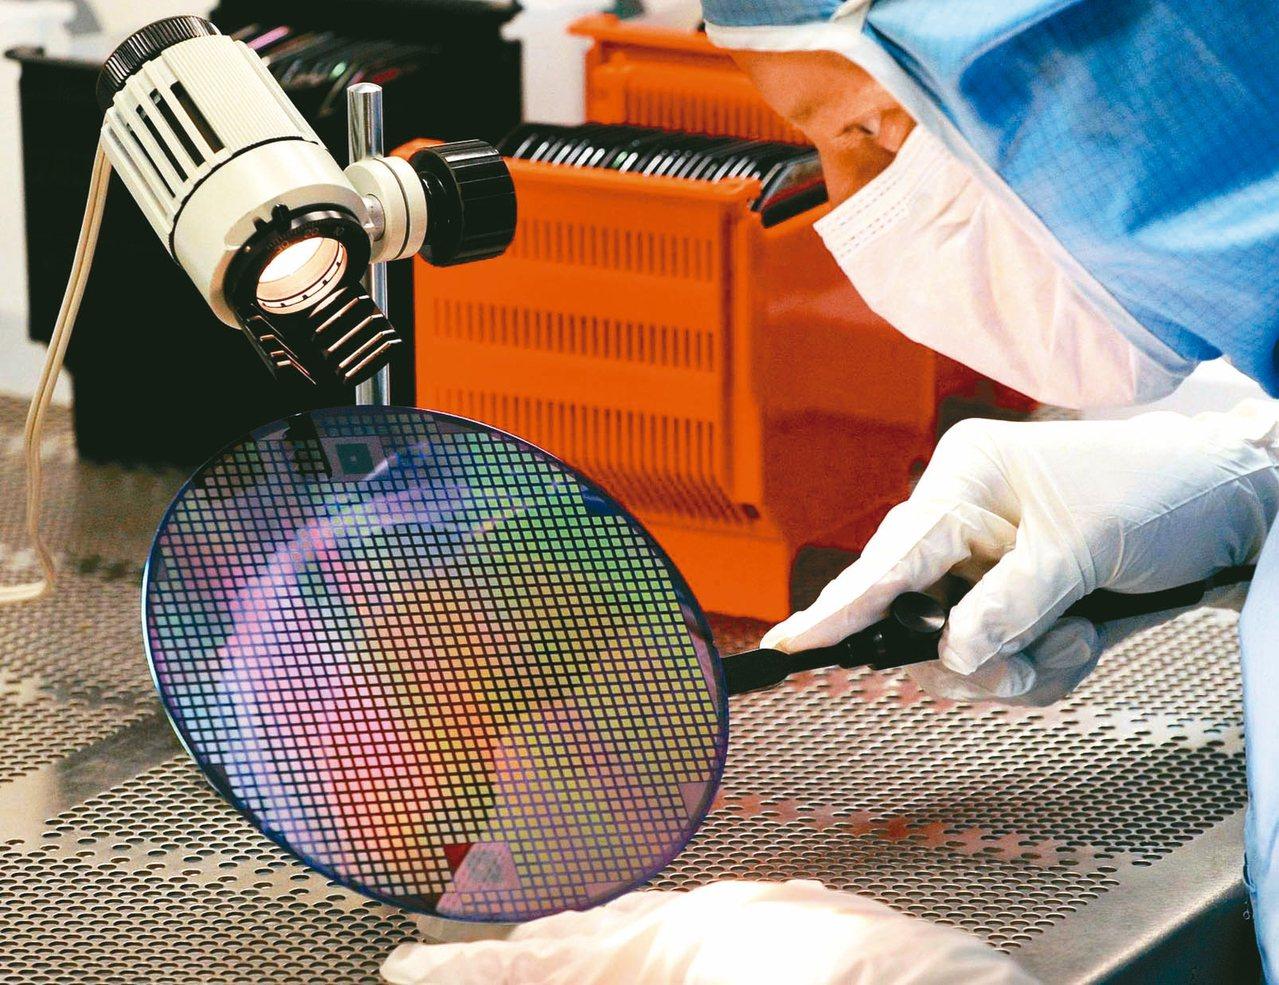 經濟部昨日公布,受惠積體電路高階製程需求強勁,加上台商回流帶動生產,8月製造業生...